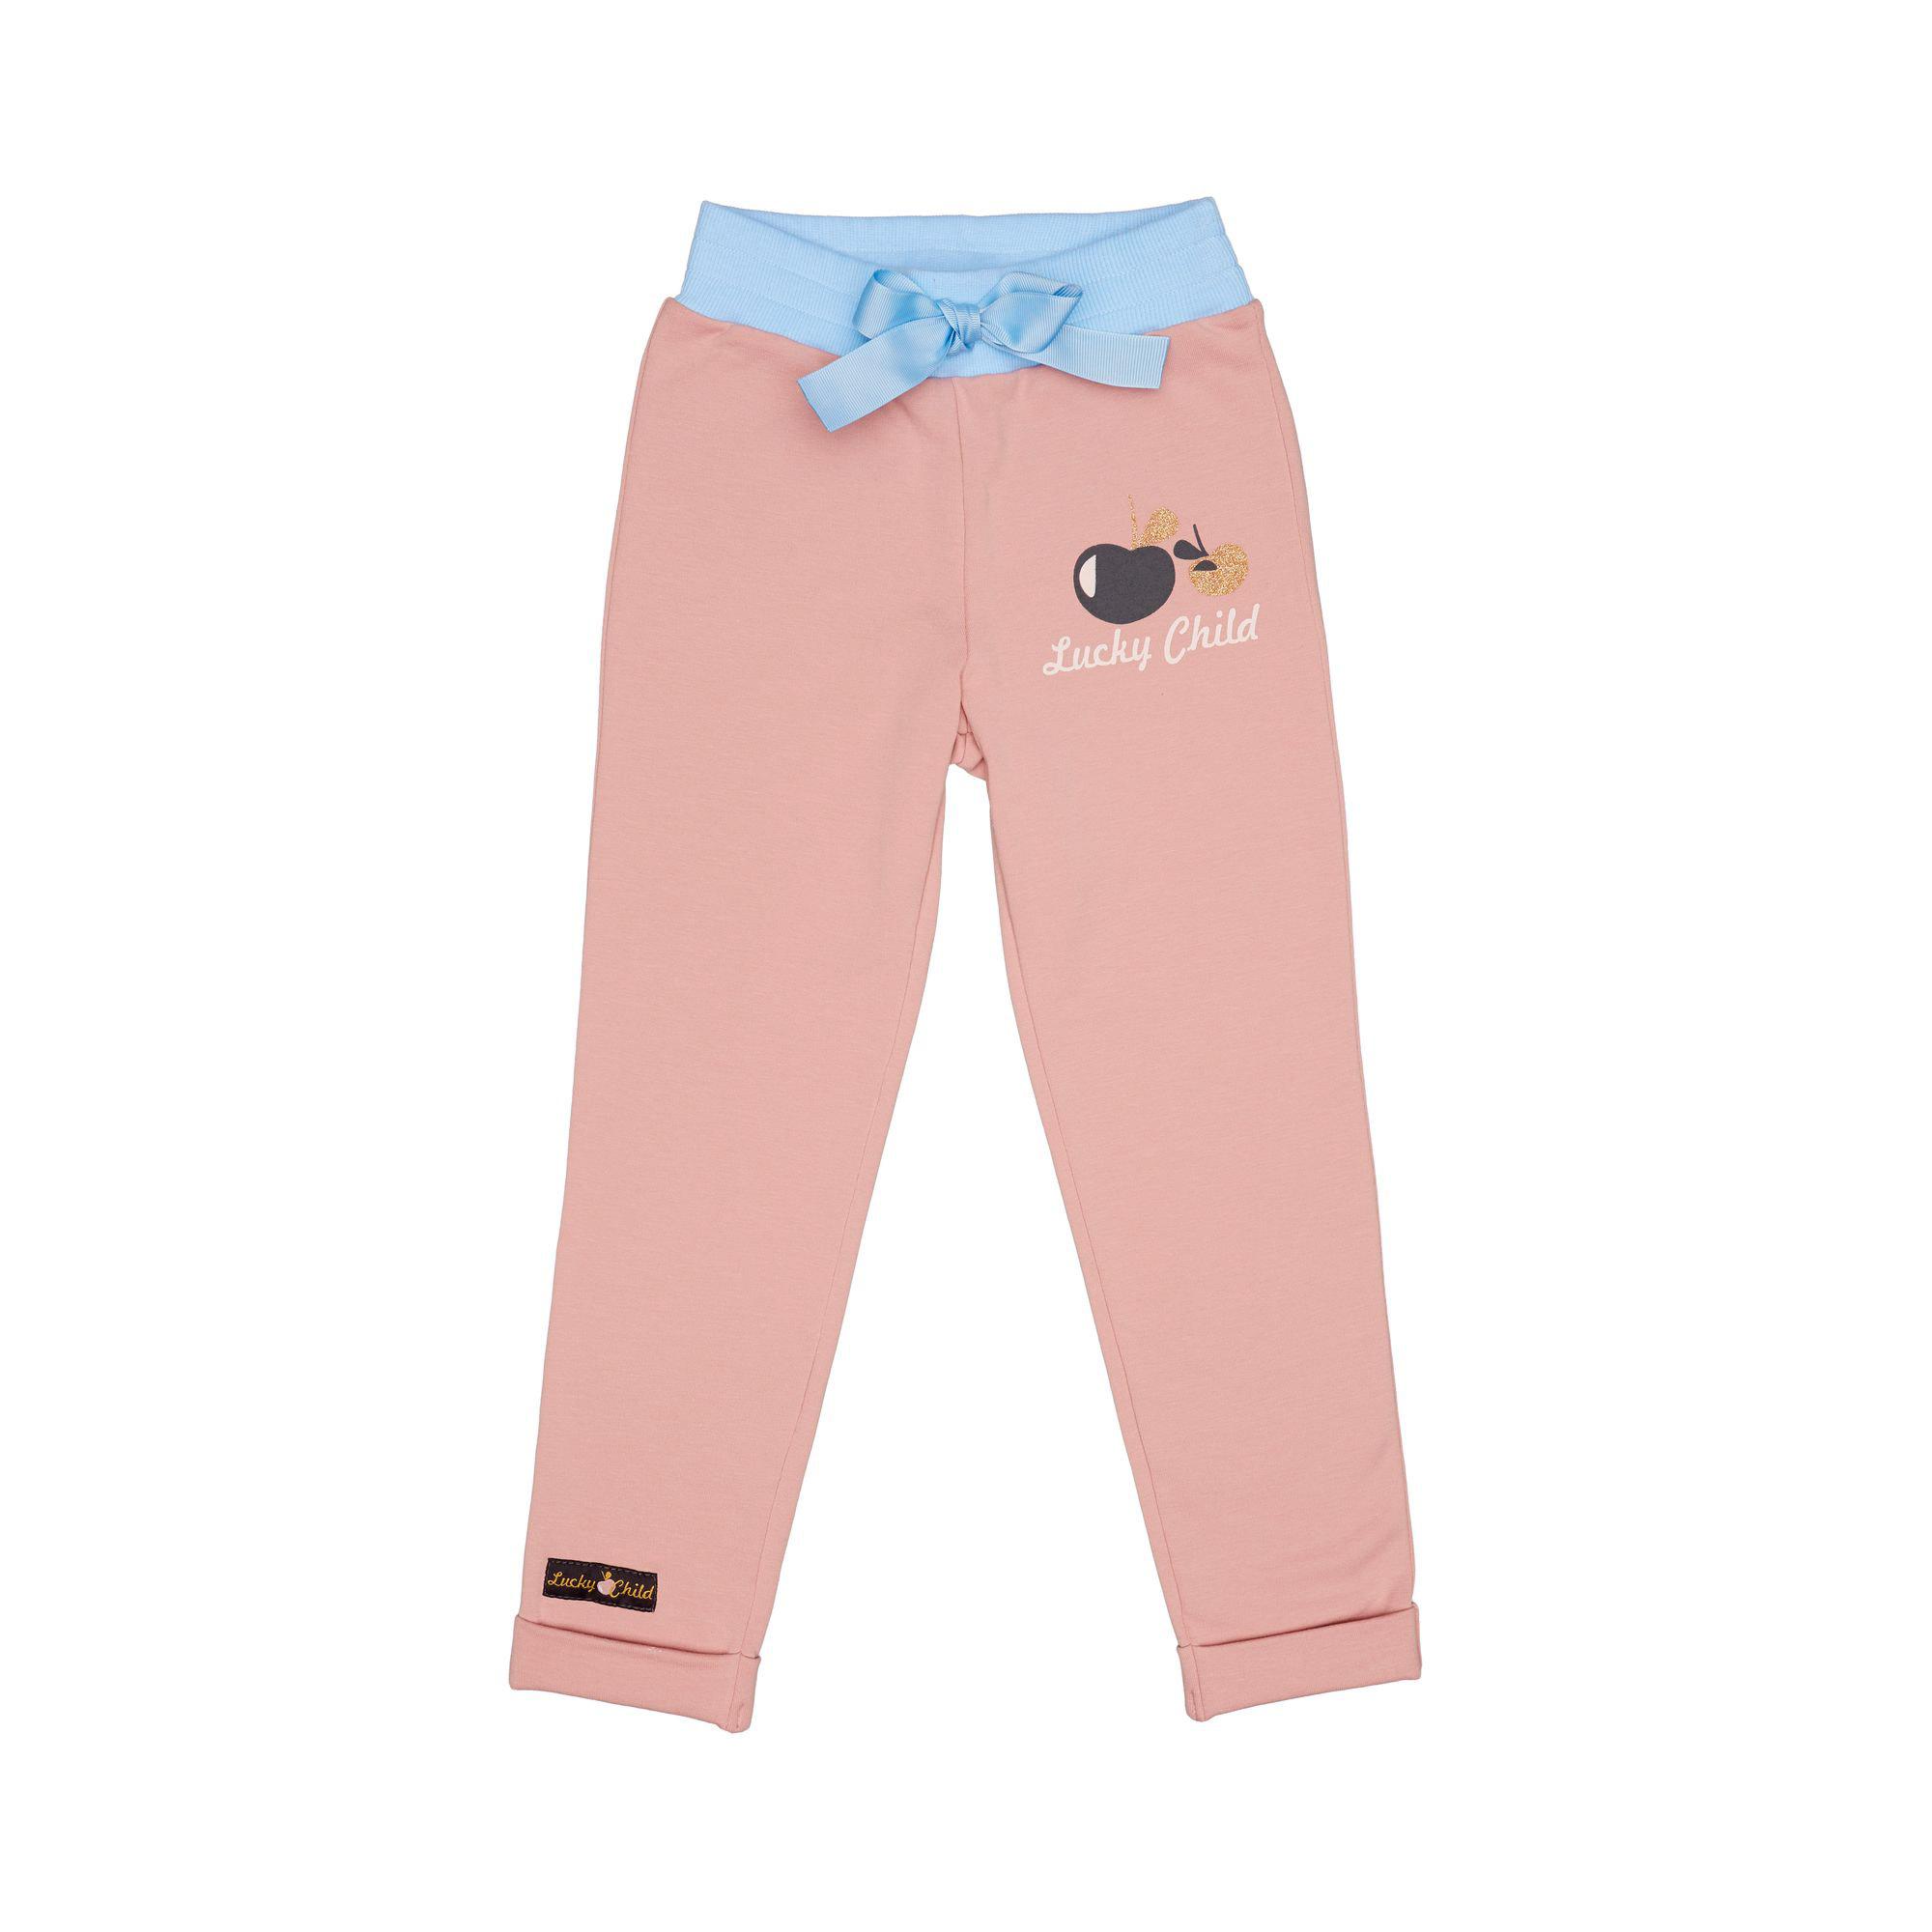 Купить Брюки Lucky Child Осенний лес розовые футер 122-128, Розовый, Футер, Для девочек, Осень-Зима,